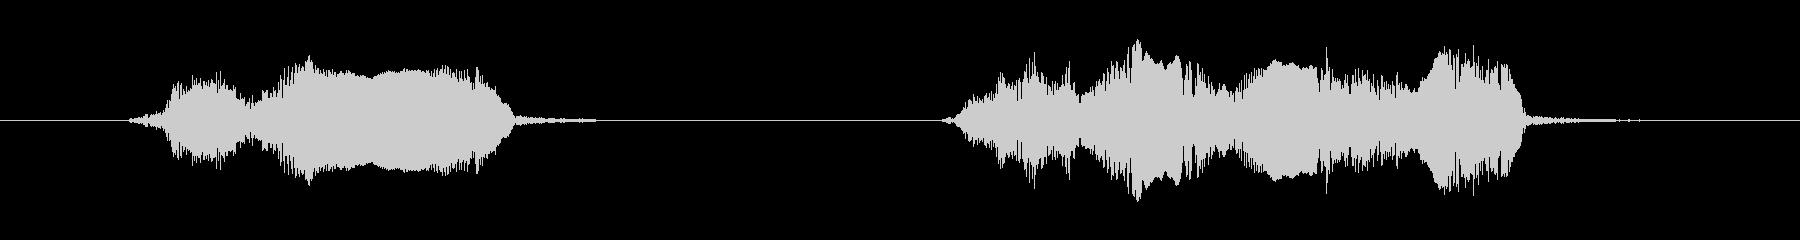 鳥 オウムスコー01の未再生の波形